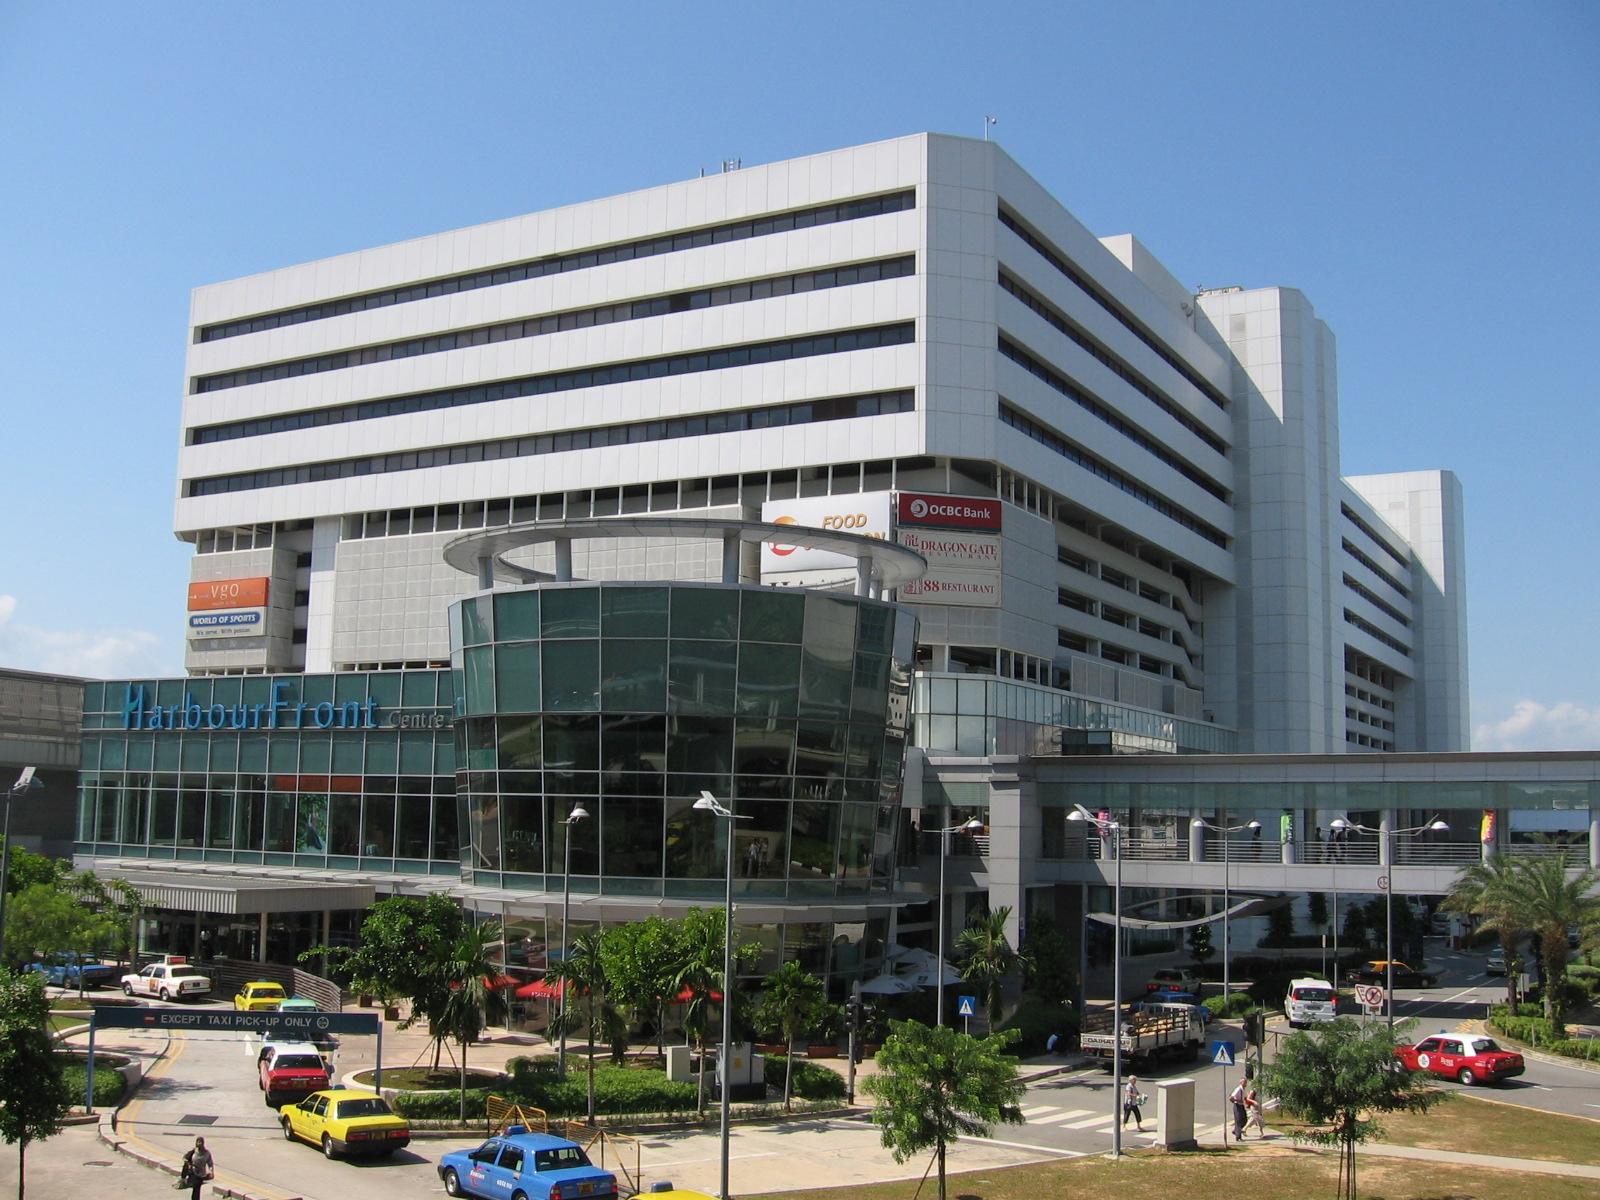 Паромный терминал Харборфронт в Сингапуре (Harbourfront Ferry Terminal)